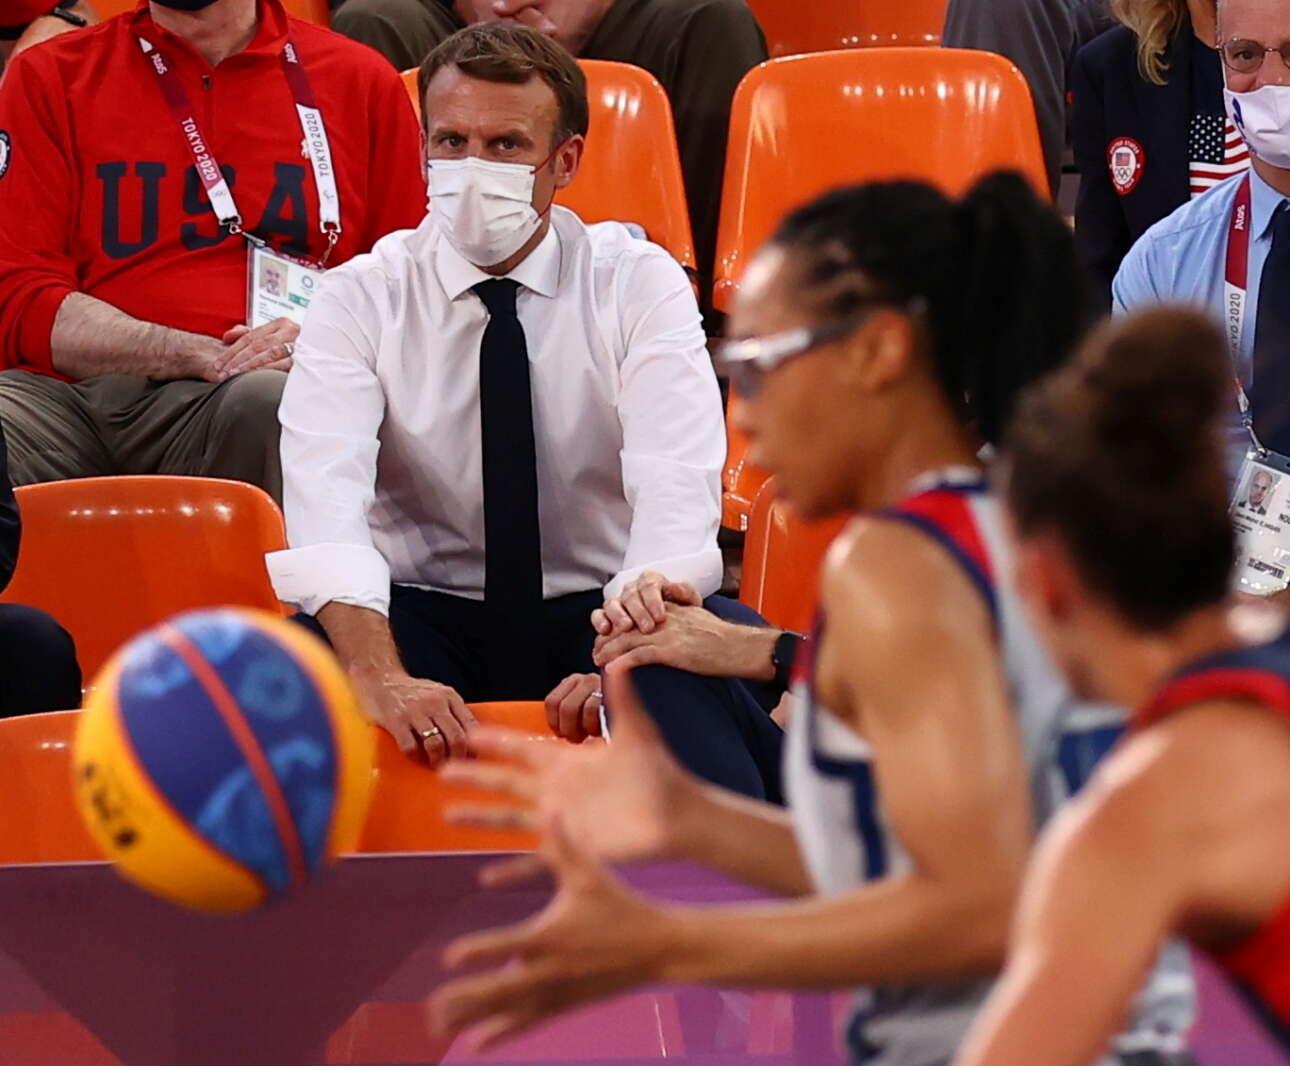 Σάββατο, 24 Ιουλίου, Τόκιο. Ο Εμανουέλ Μακρόν παρακολουθεί τον αγώνα Γαλλία - ΗΠΑ στο μπάσκετ 3 επί 3 γυναικών στους Ολυμπιακούς Αγώνες. Τελικά οι Γαλλίδες έχασαν